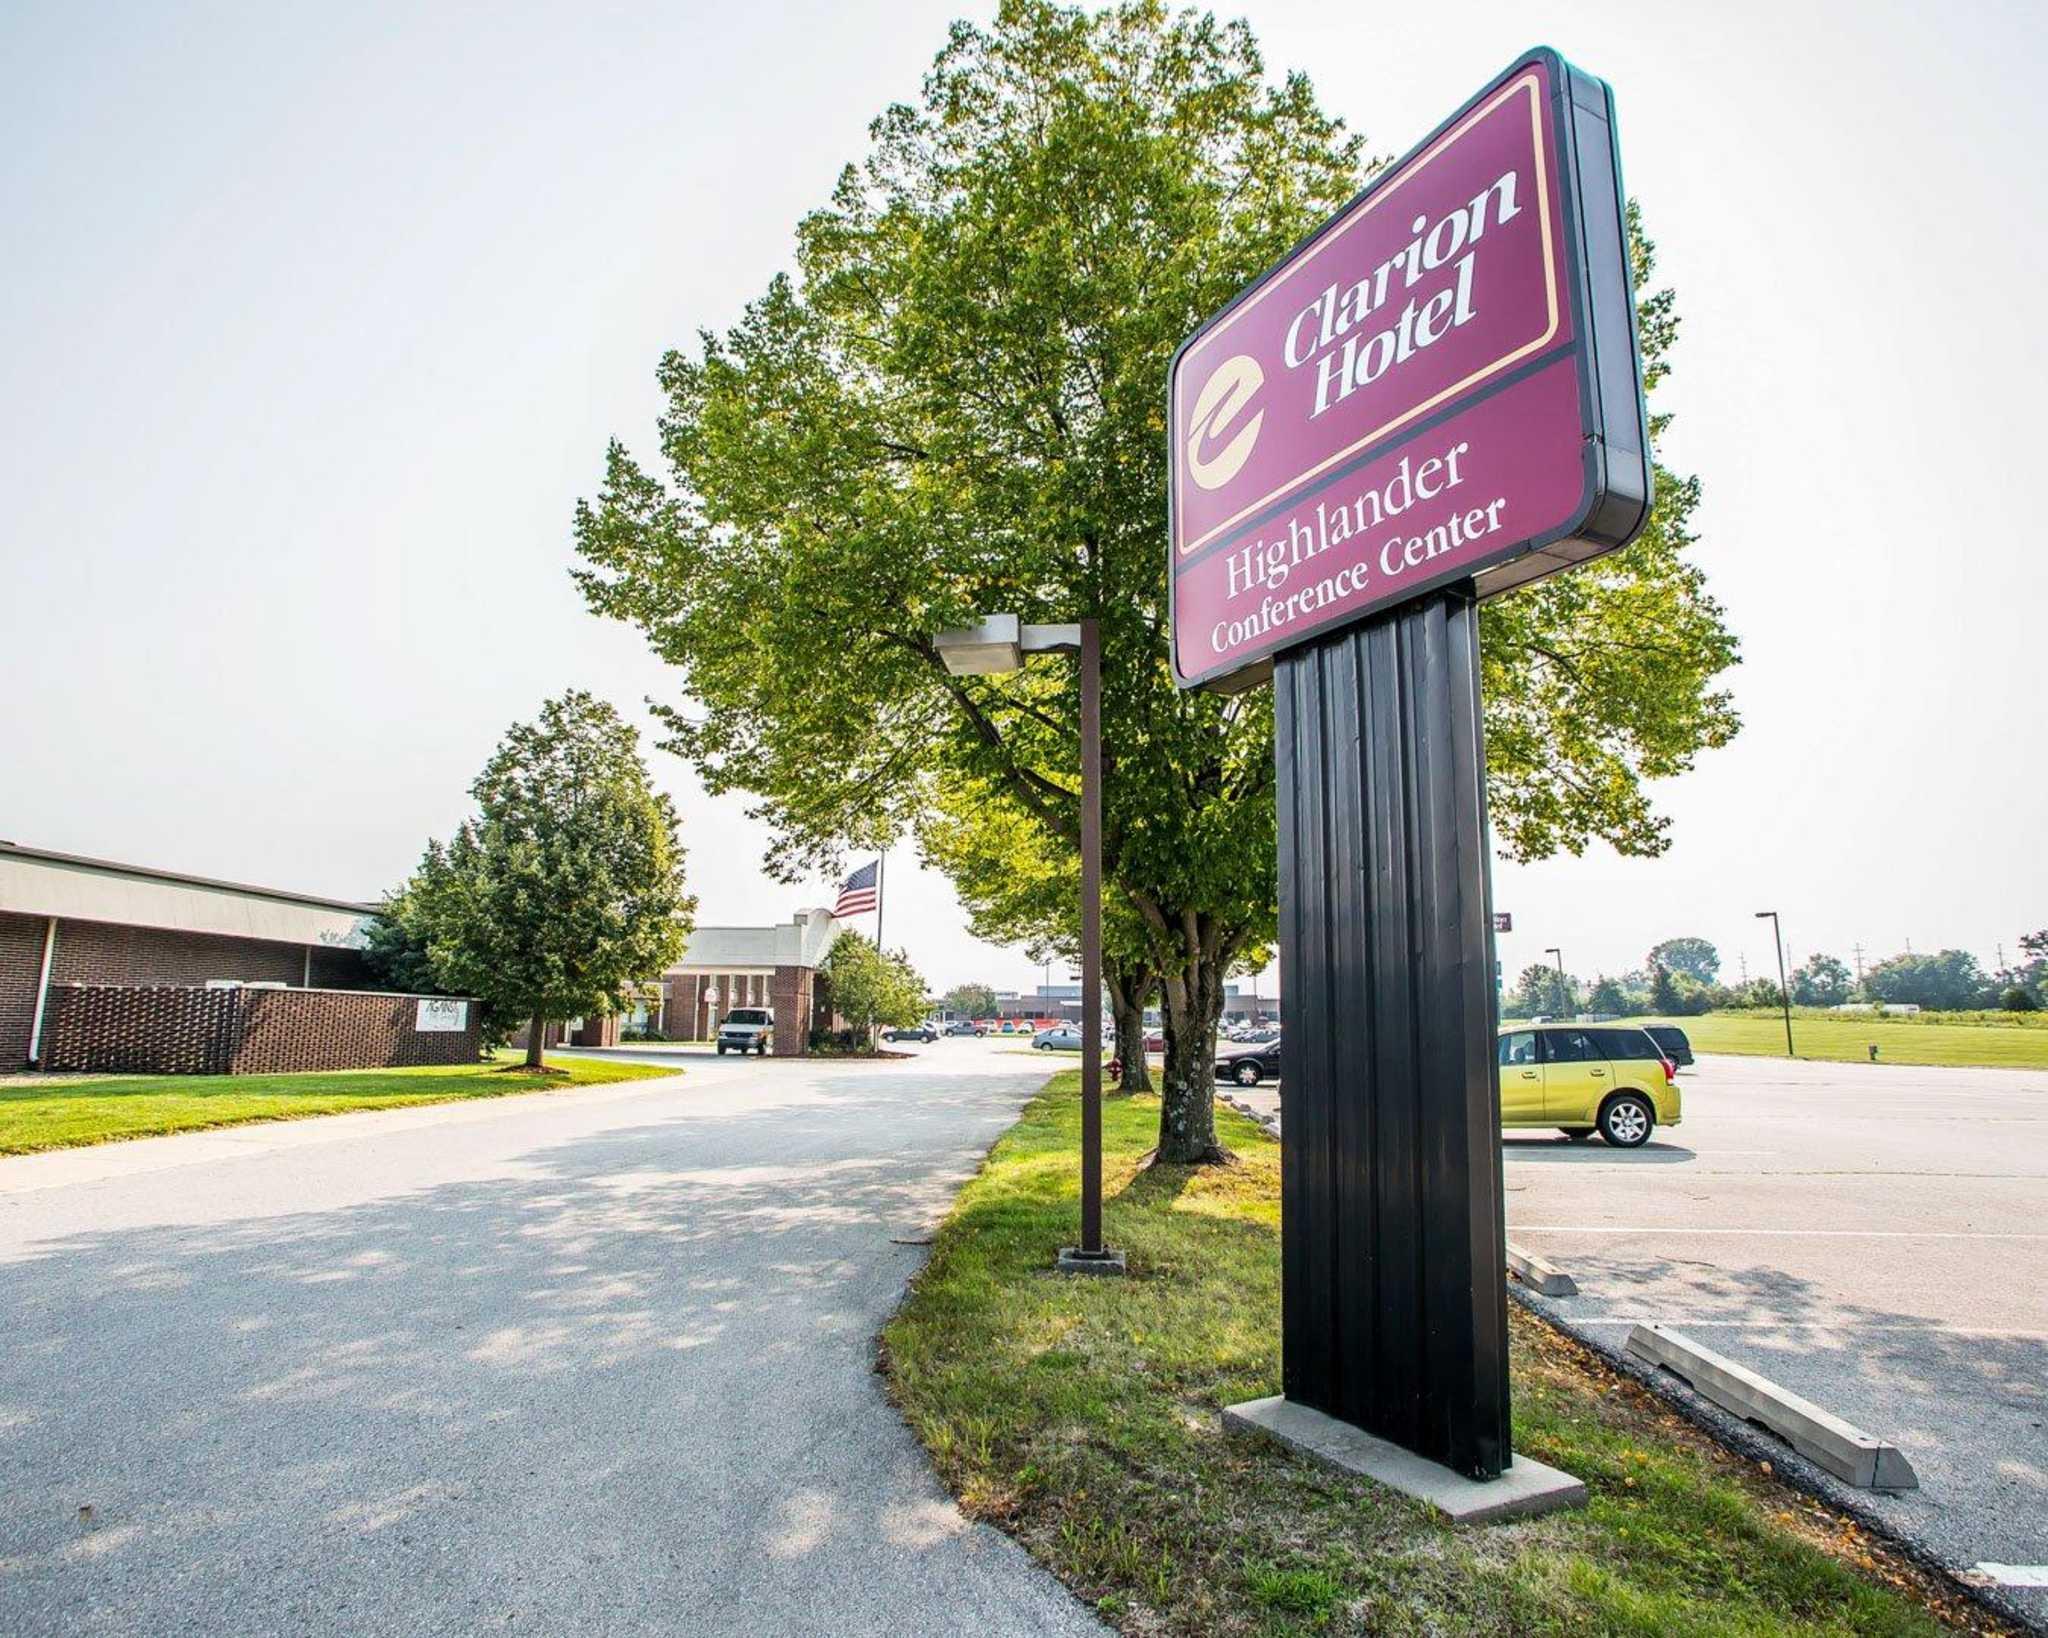 Clarion Hotel Highlander Conference Center image 2